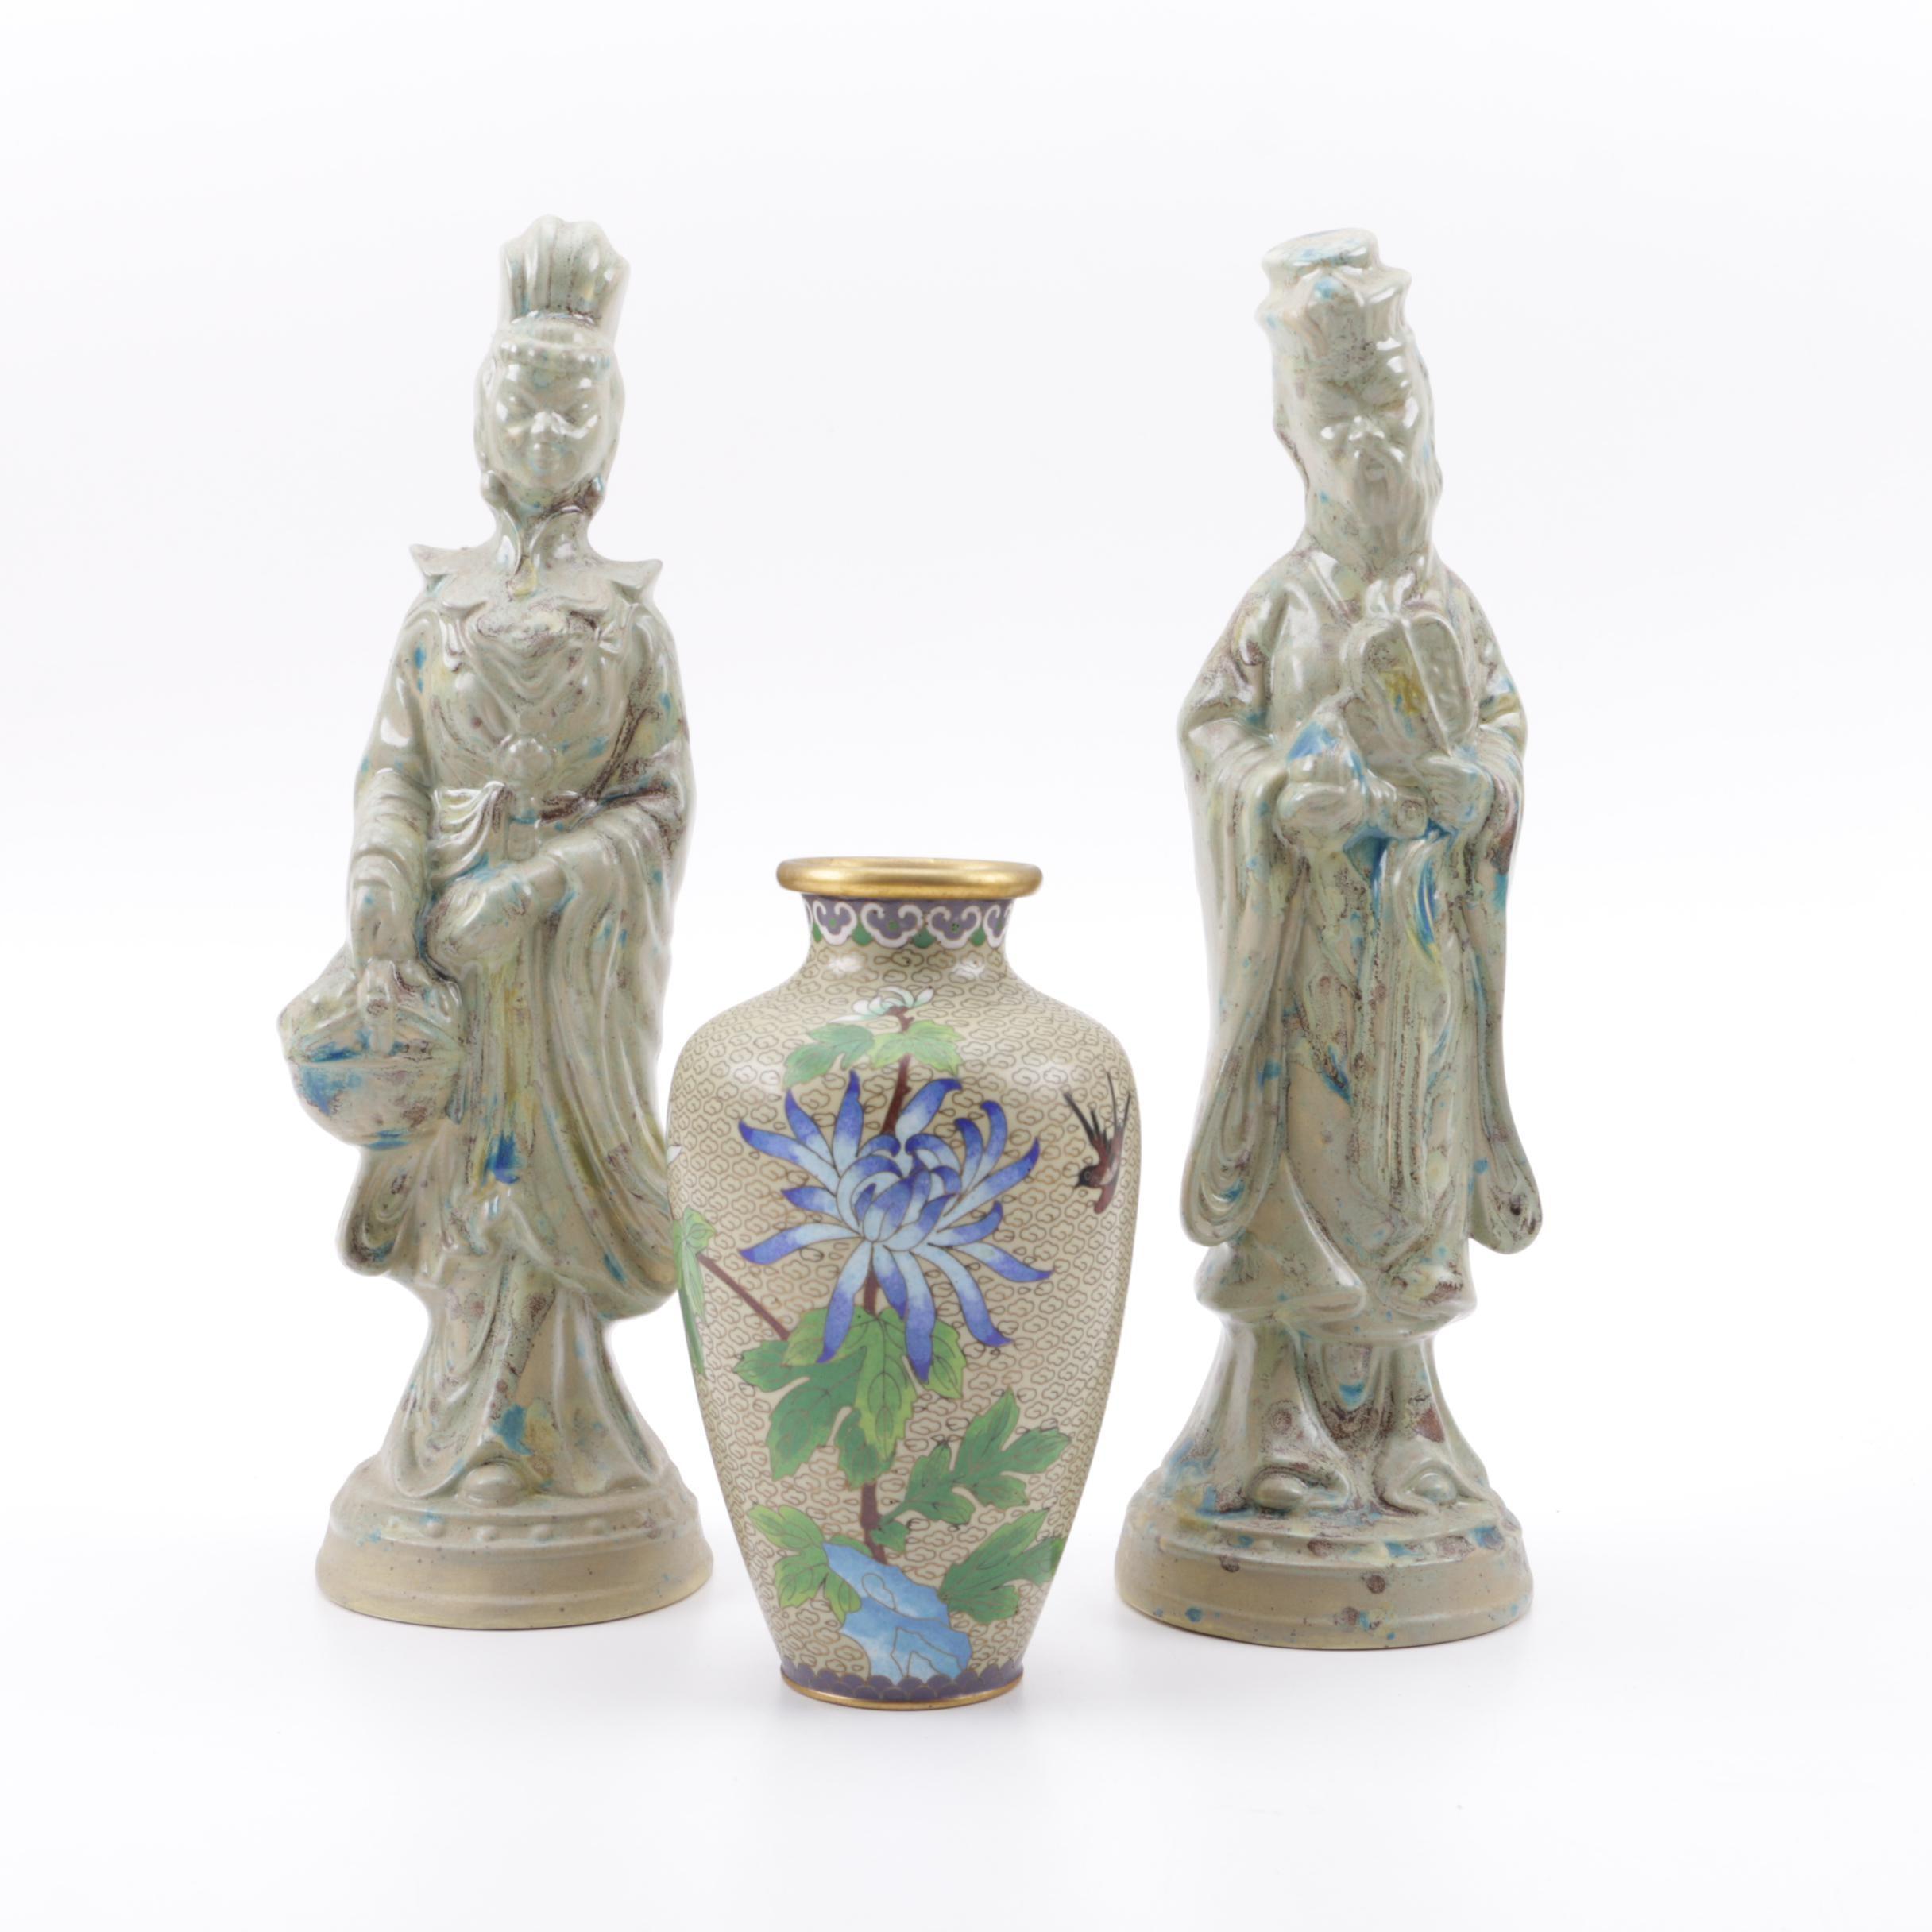 Pair of Ceramic Figurines and Cloisonné Vase